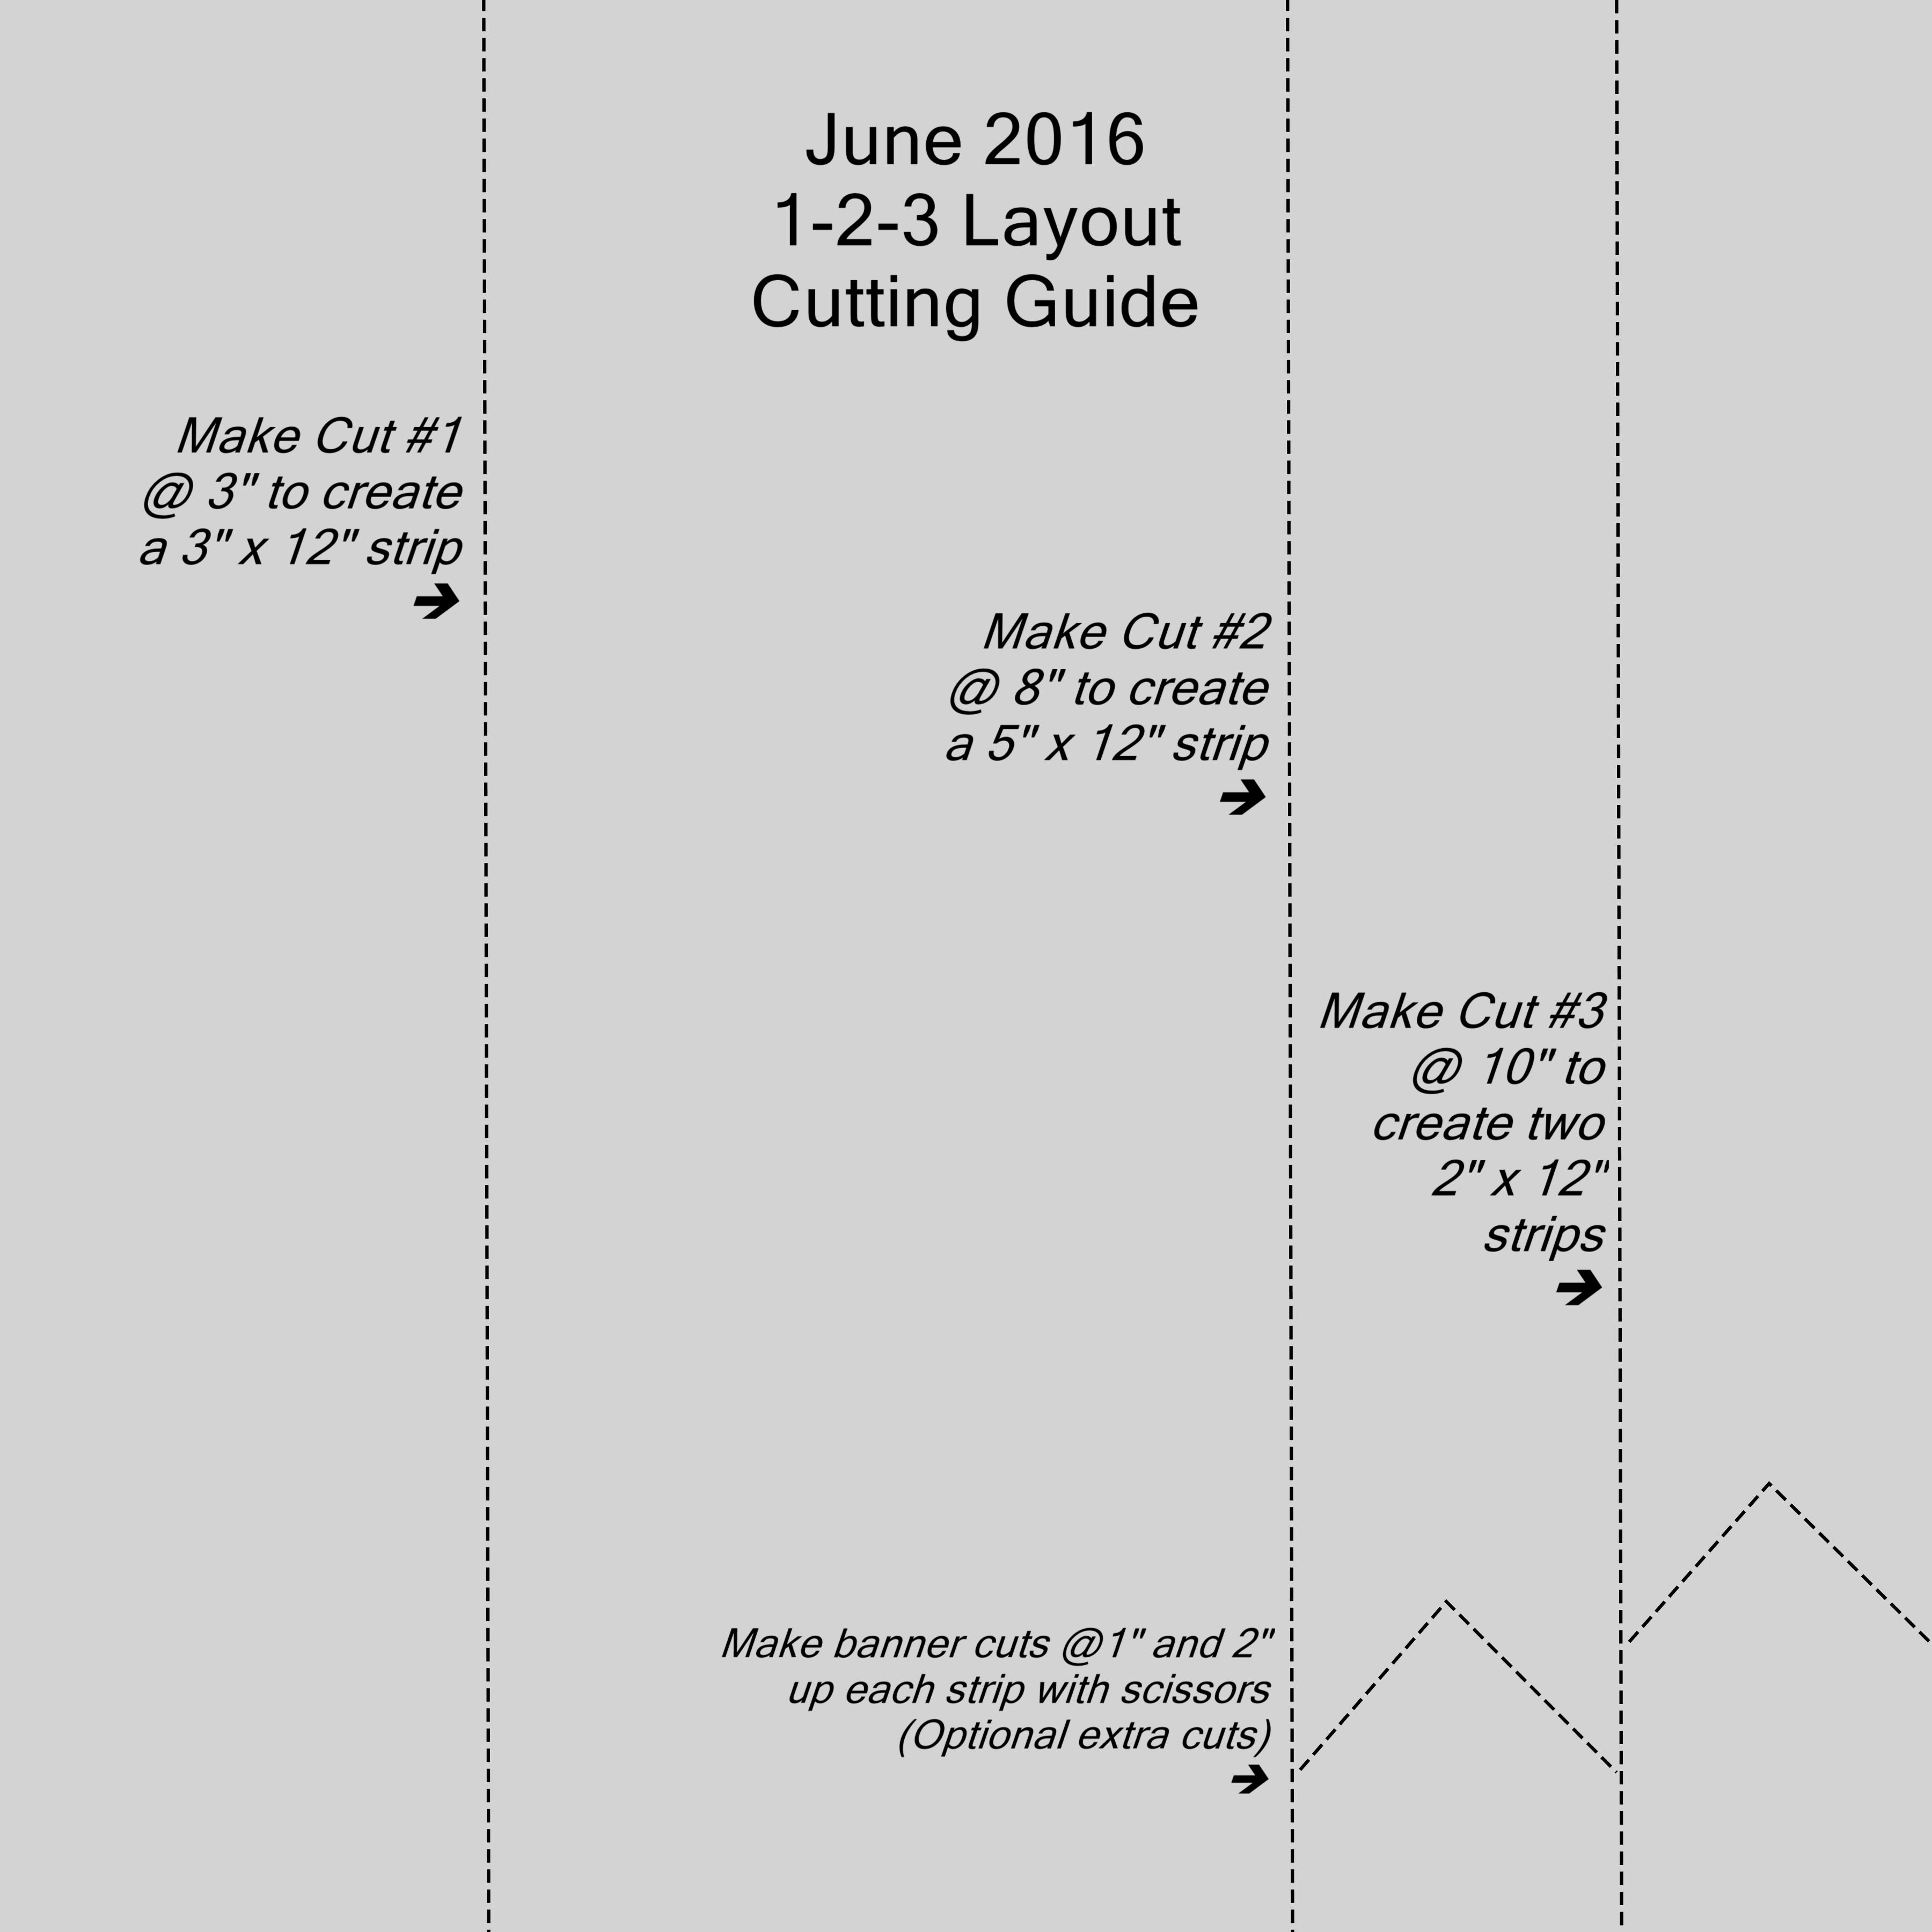 June 1-2-3 Cutting Guide